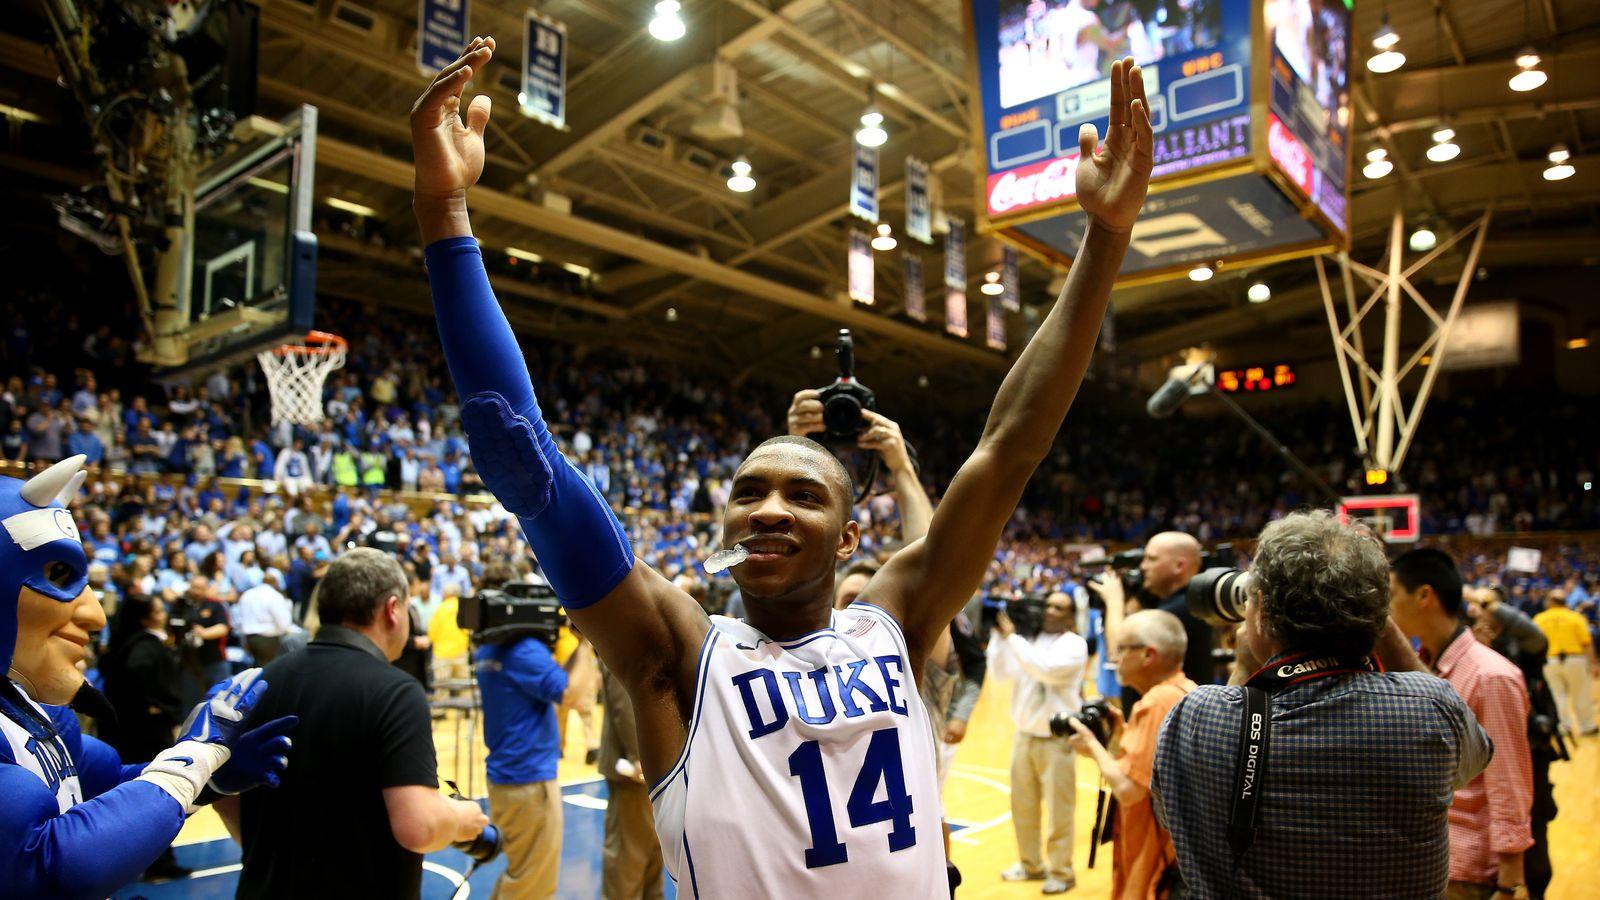 Duke 93 UNC 81 - Duke Basketball Report